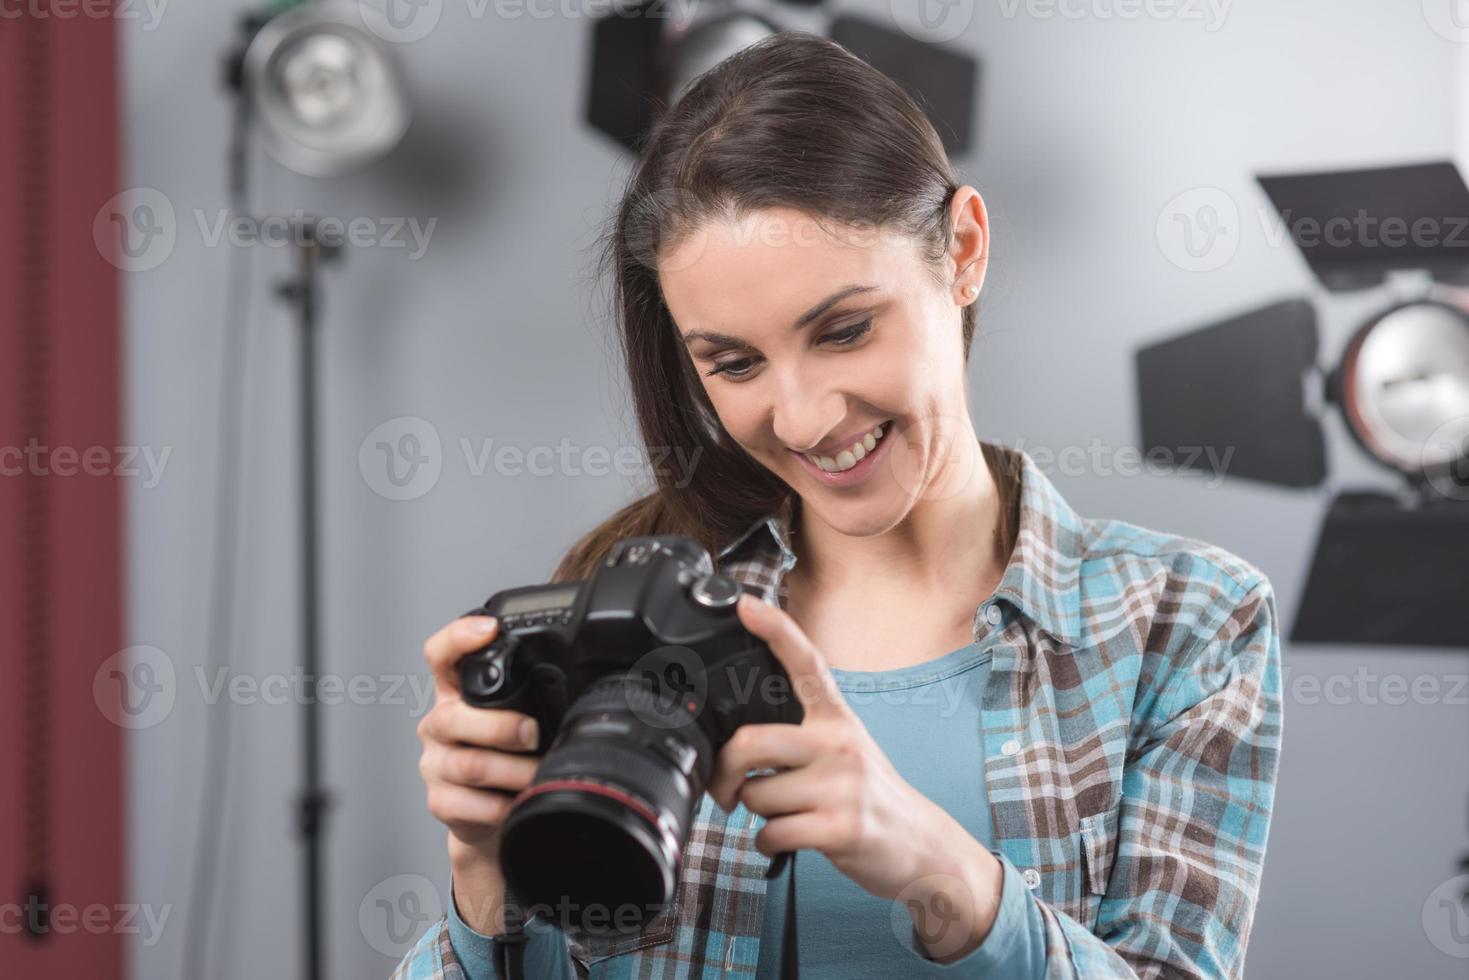 fotograaf poseren in een professionele studio foto